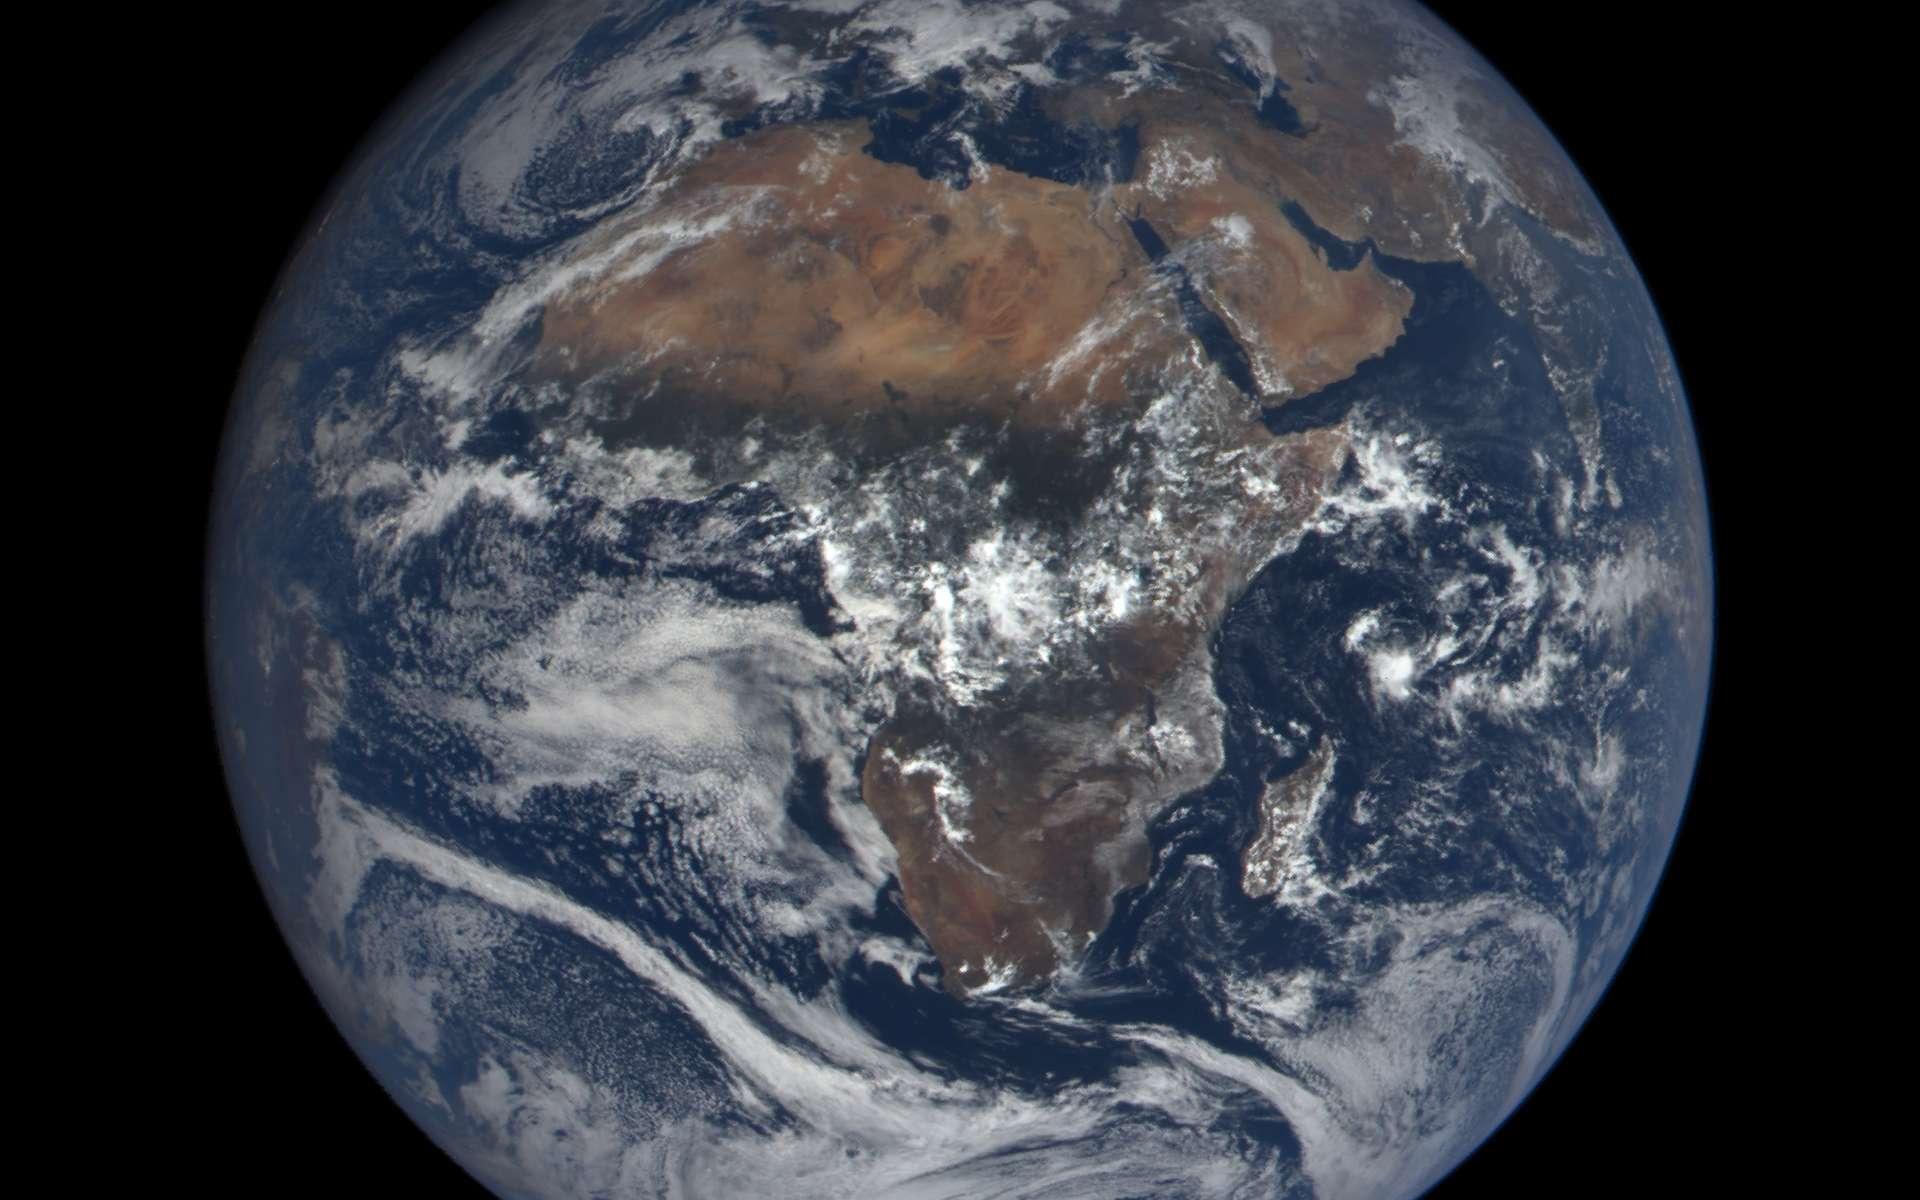 La Terre photographiée avec la caméra Epic du satellite DSCOVR, le 19 octobre 2015 à 9 h 52 TU (soit 11 h 52 en France métropolitaine). Le site epic.gsfc.nasa.gov, ouvert tout récemment par la Nasa, permet d'accéder aux images de notre planète. © Nasa